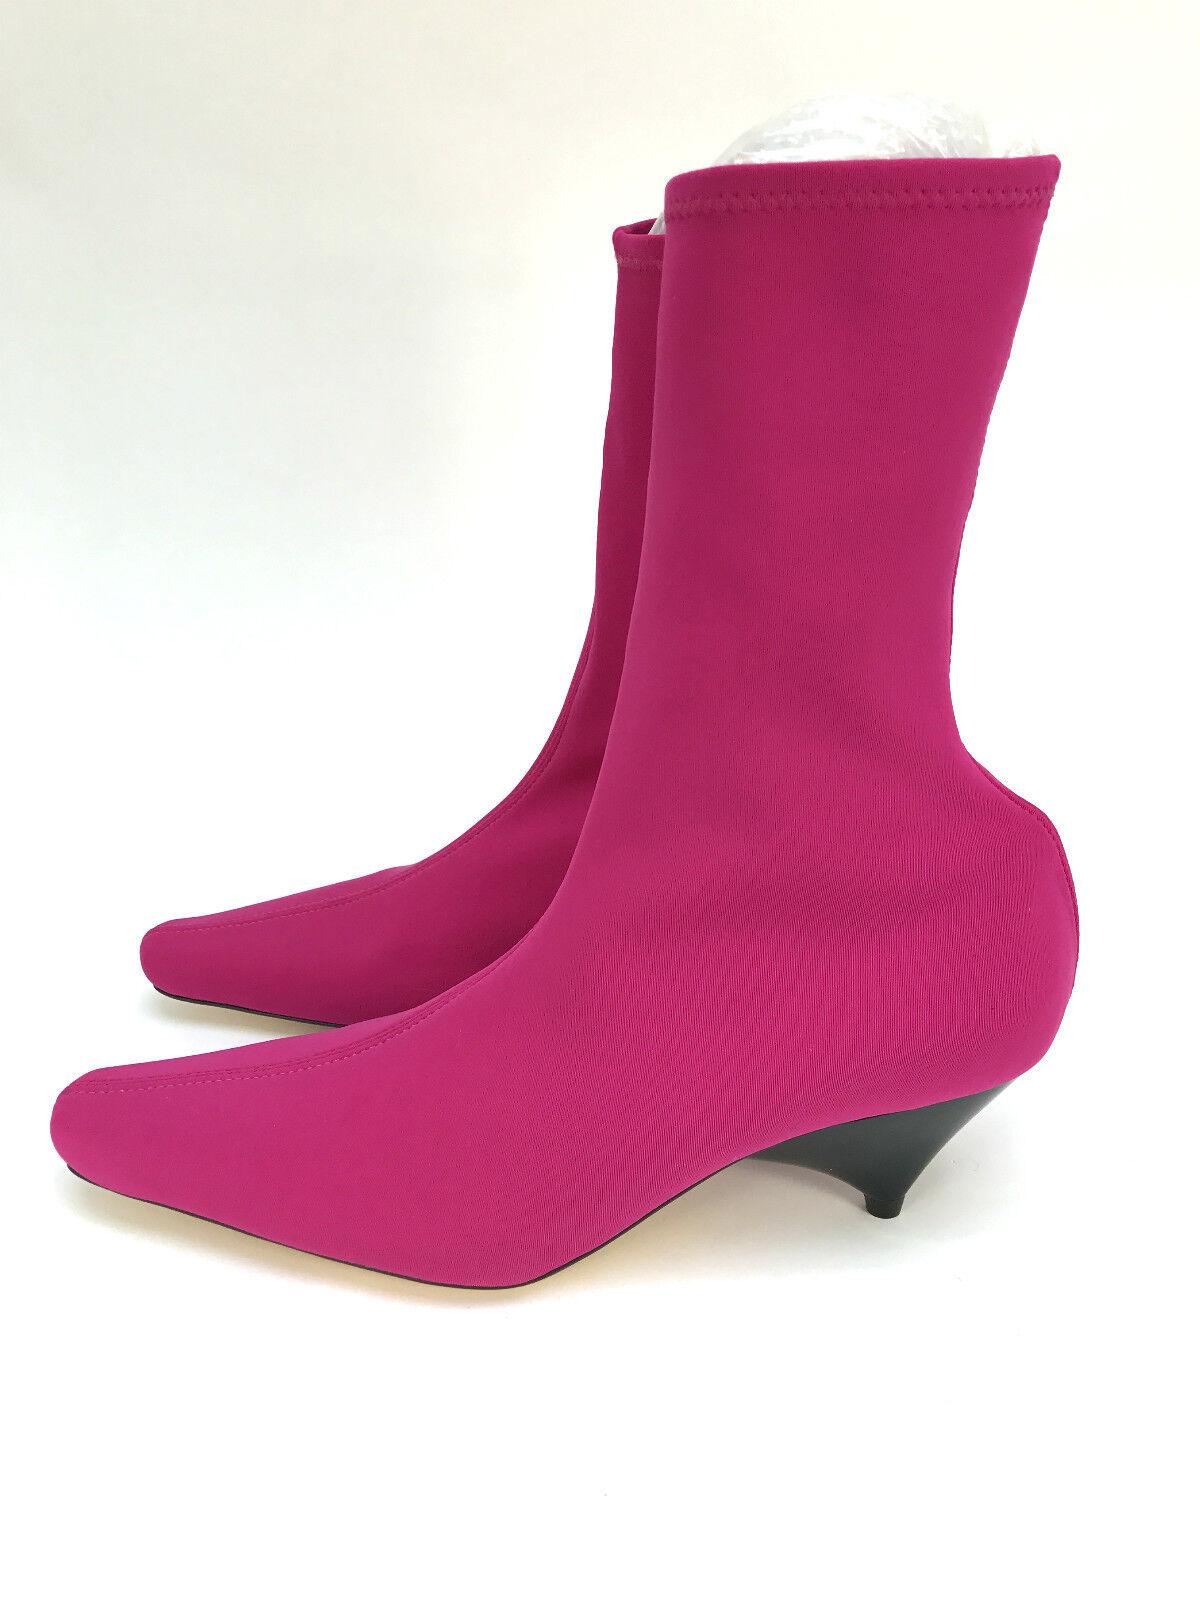 Zara Fuchsien UK Socke Ankle Stiefel Größe UK Fuchsien 3 4 5 6 7 8 f7e764